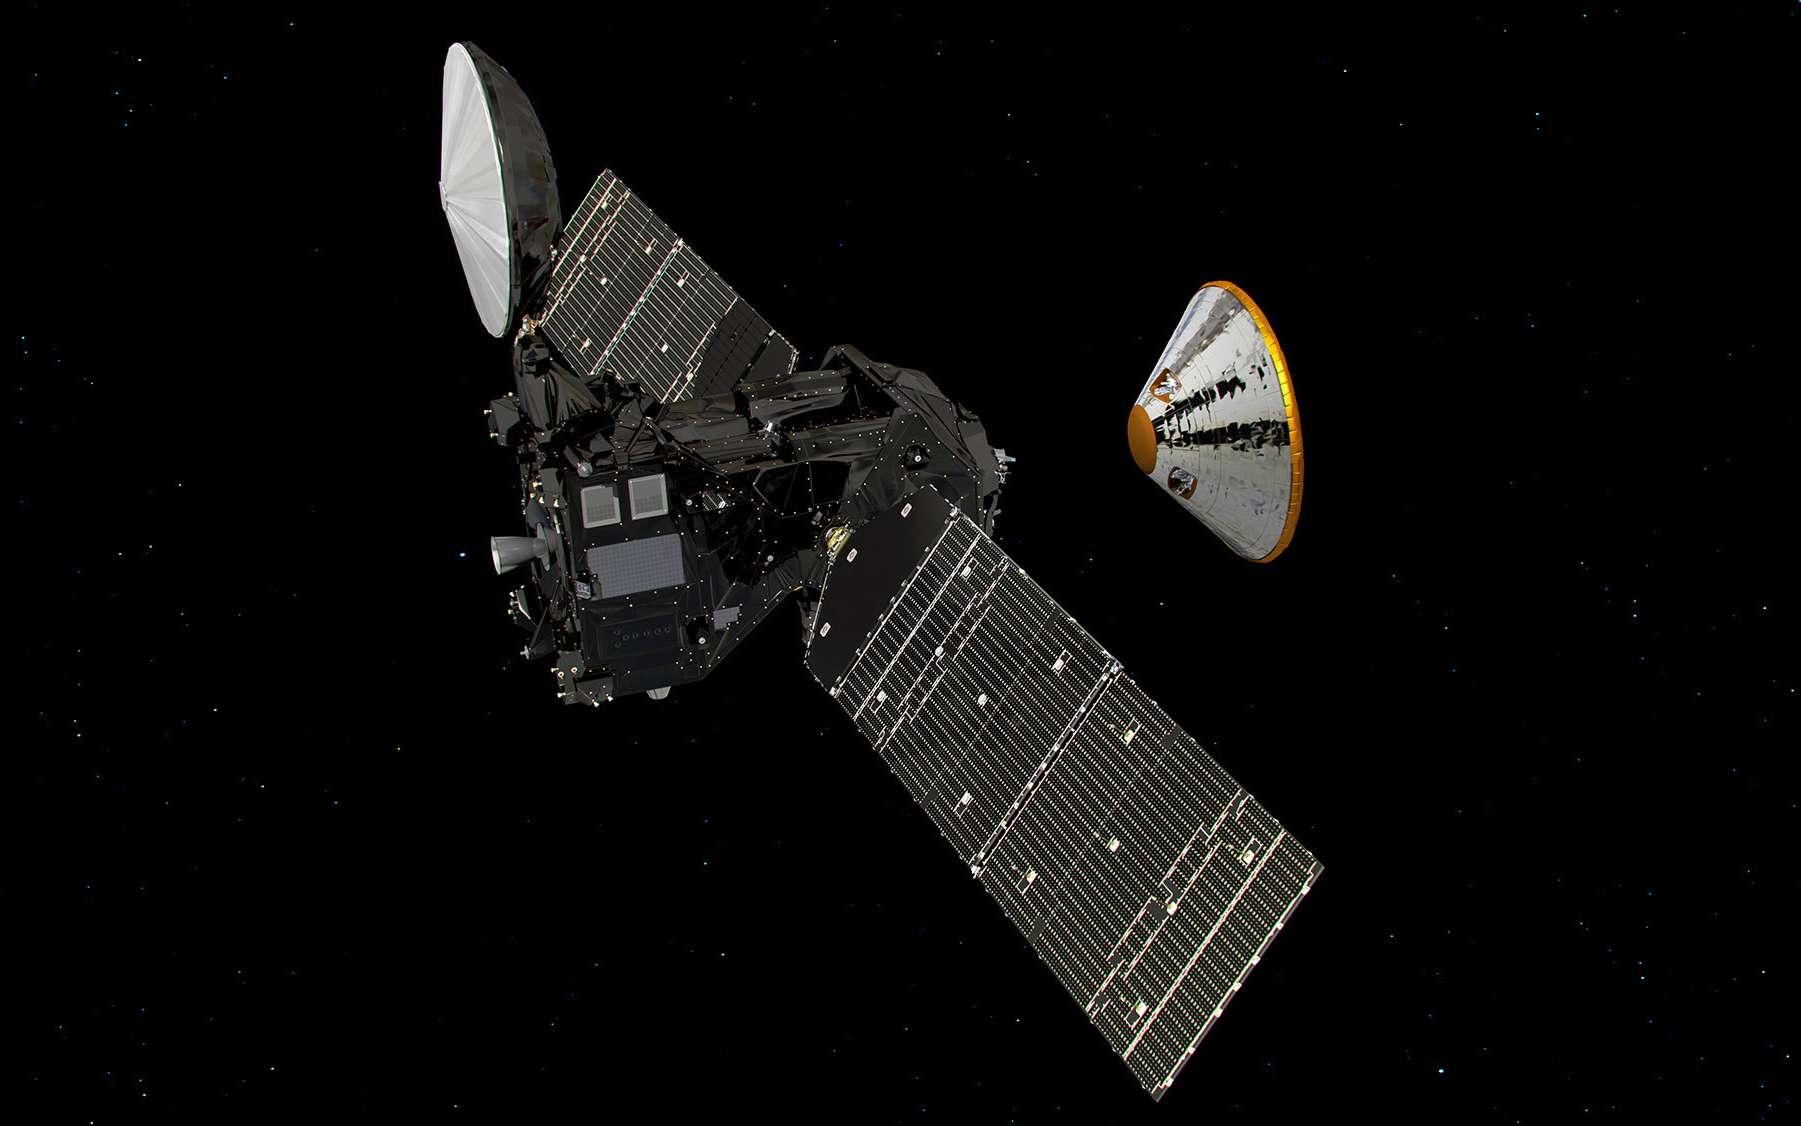 Représentation de la séparation entre l'orbiteur TGO et la capsule Schiaparelli à proximité de la planète Mars. © Esa, ATG Medialab